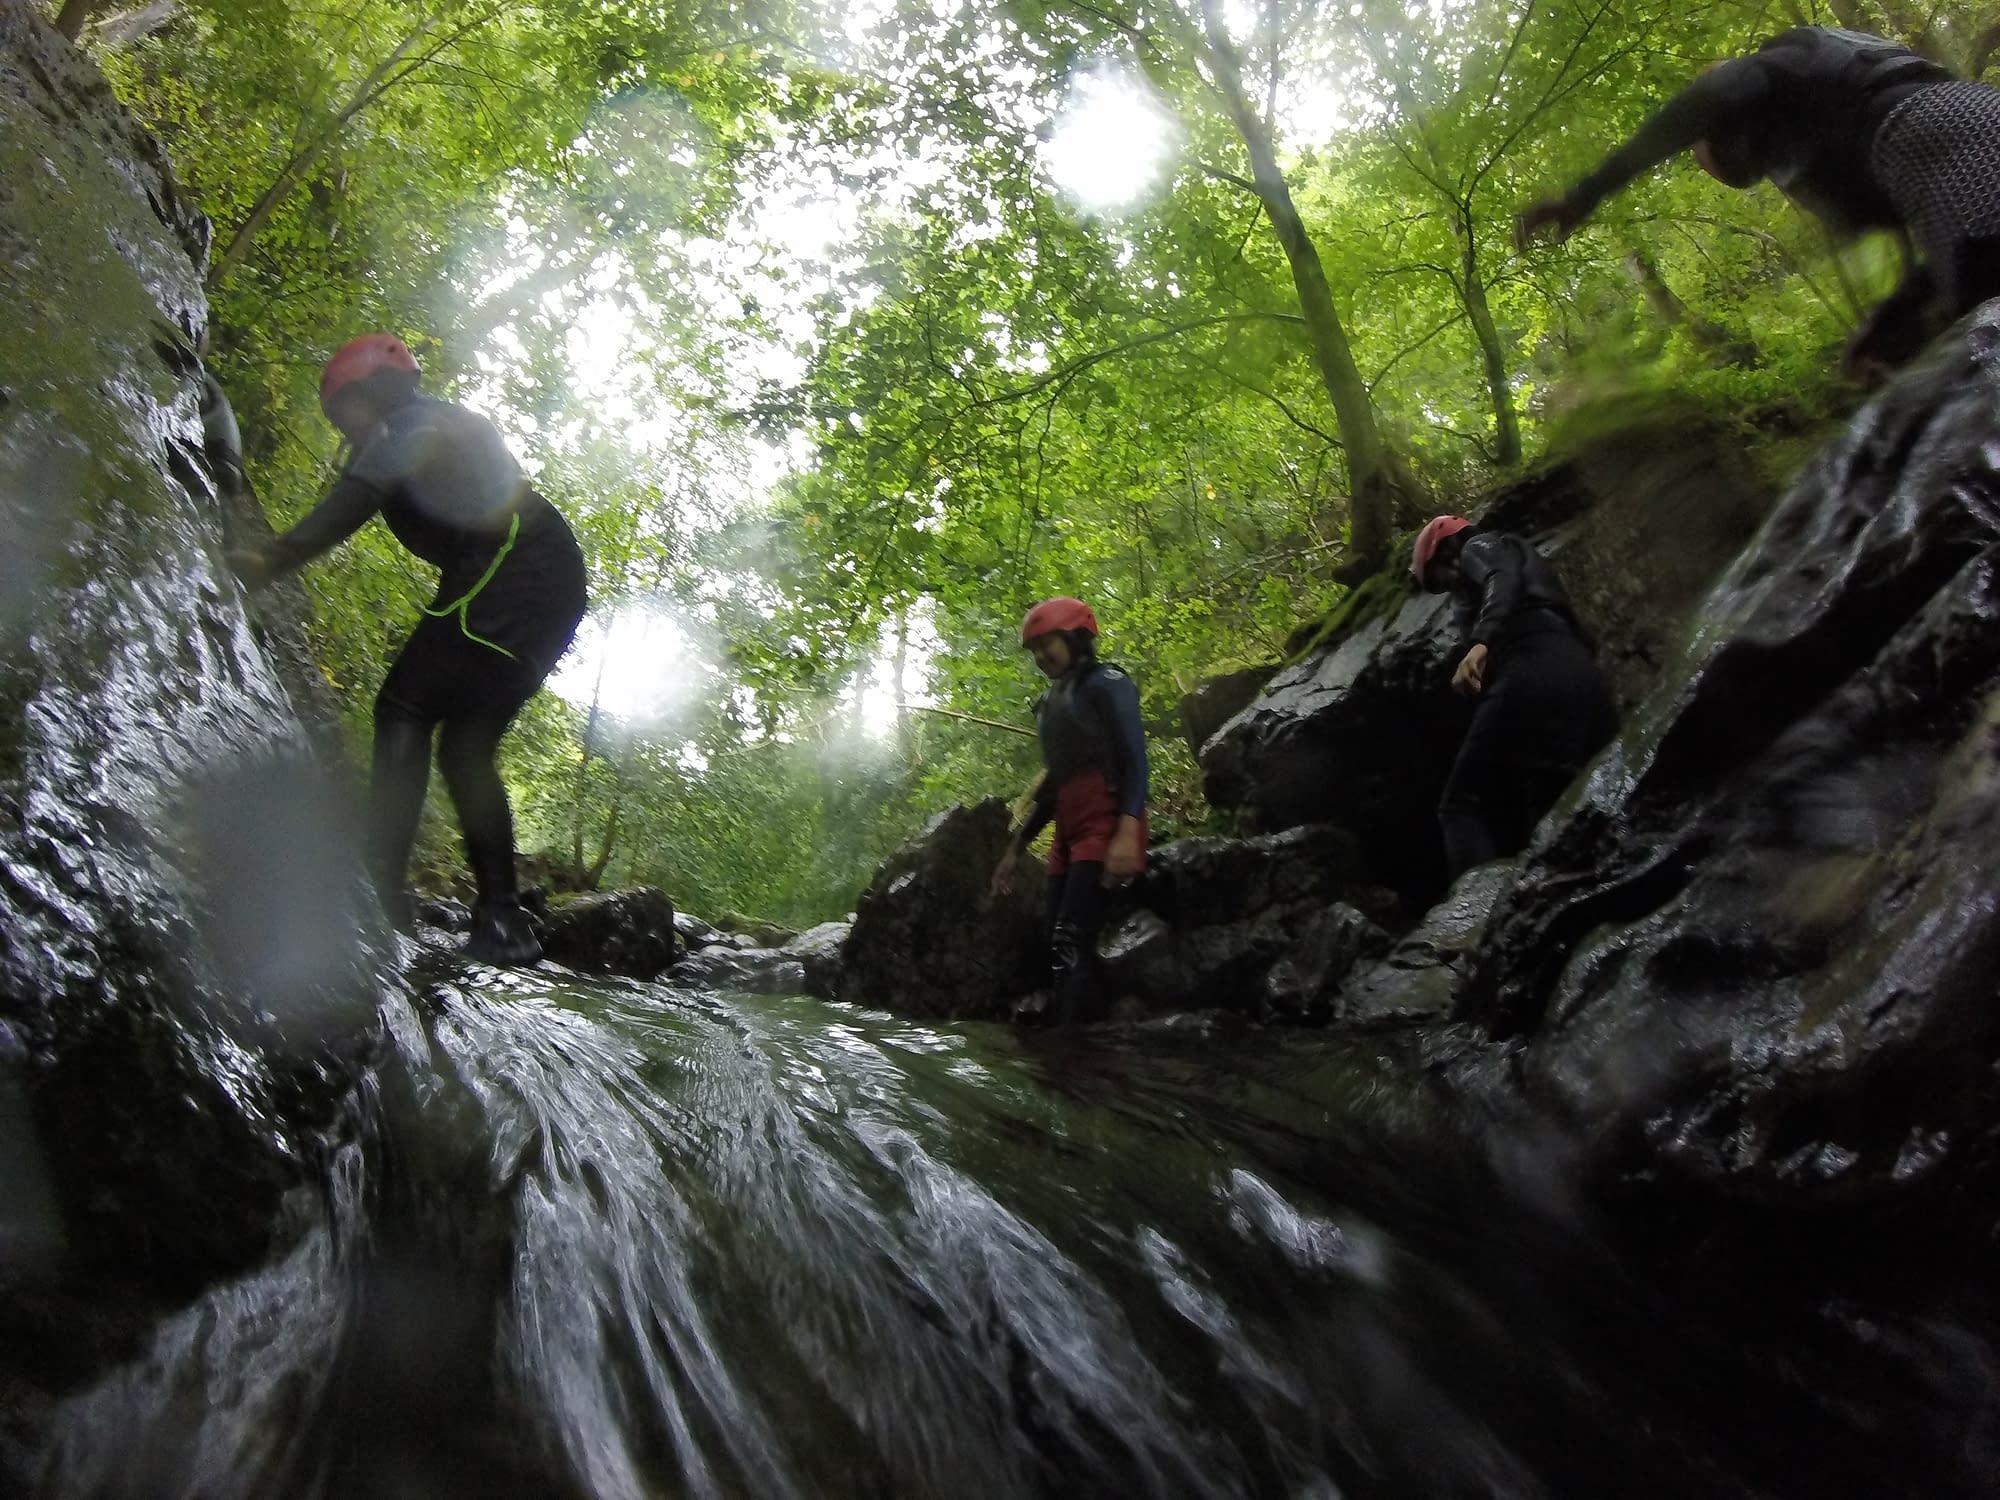 Scrambling across a waterfall in South Wales